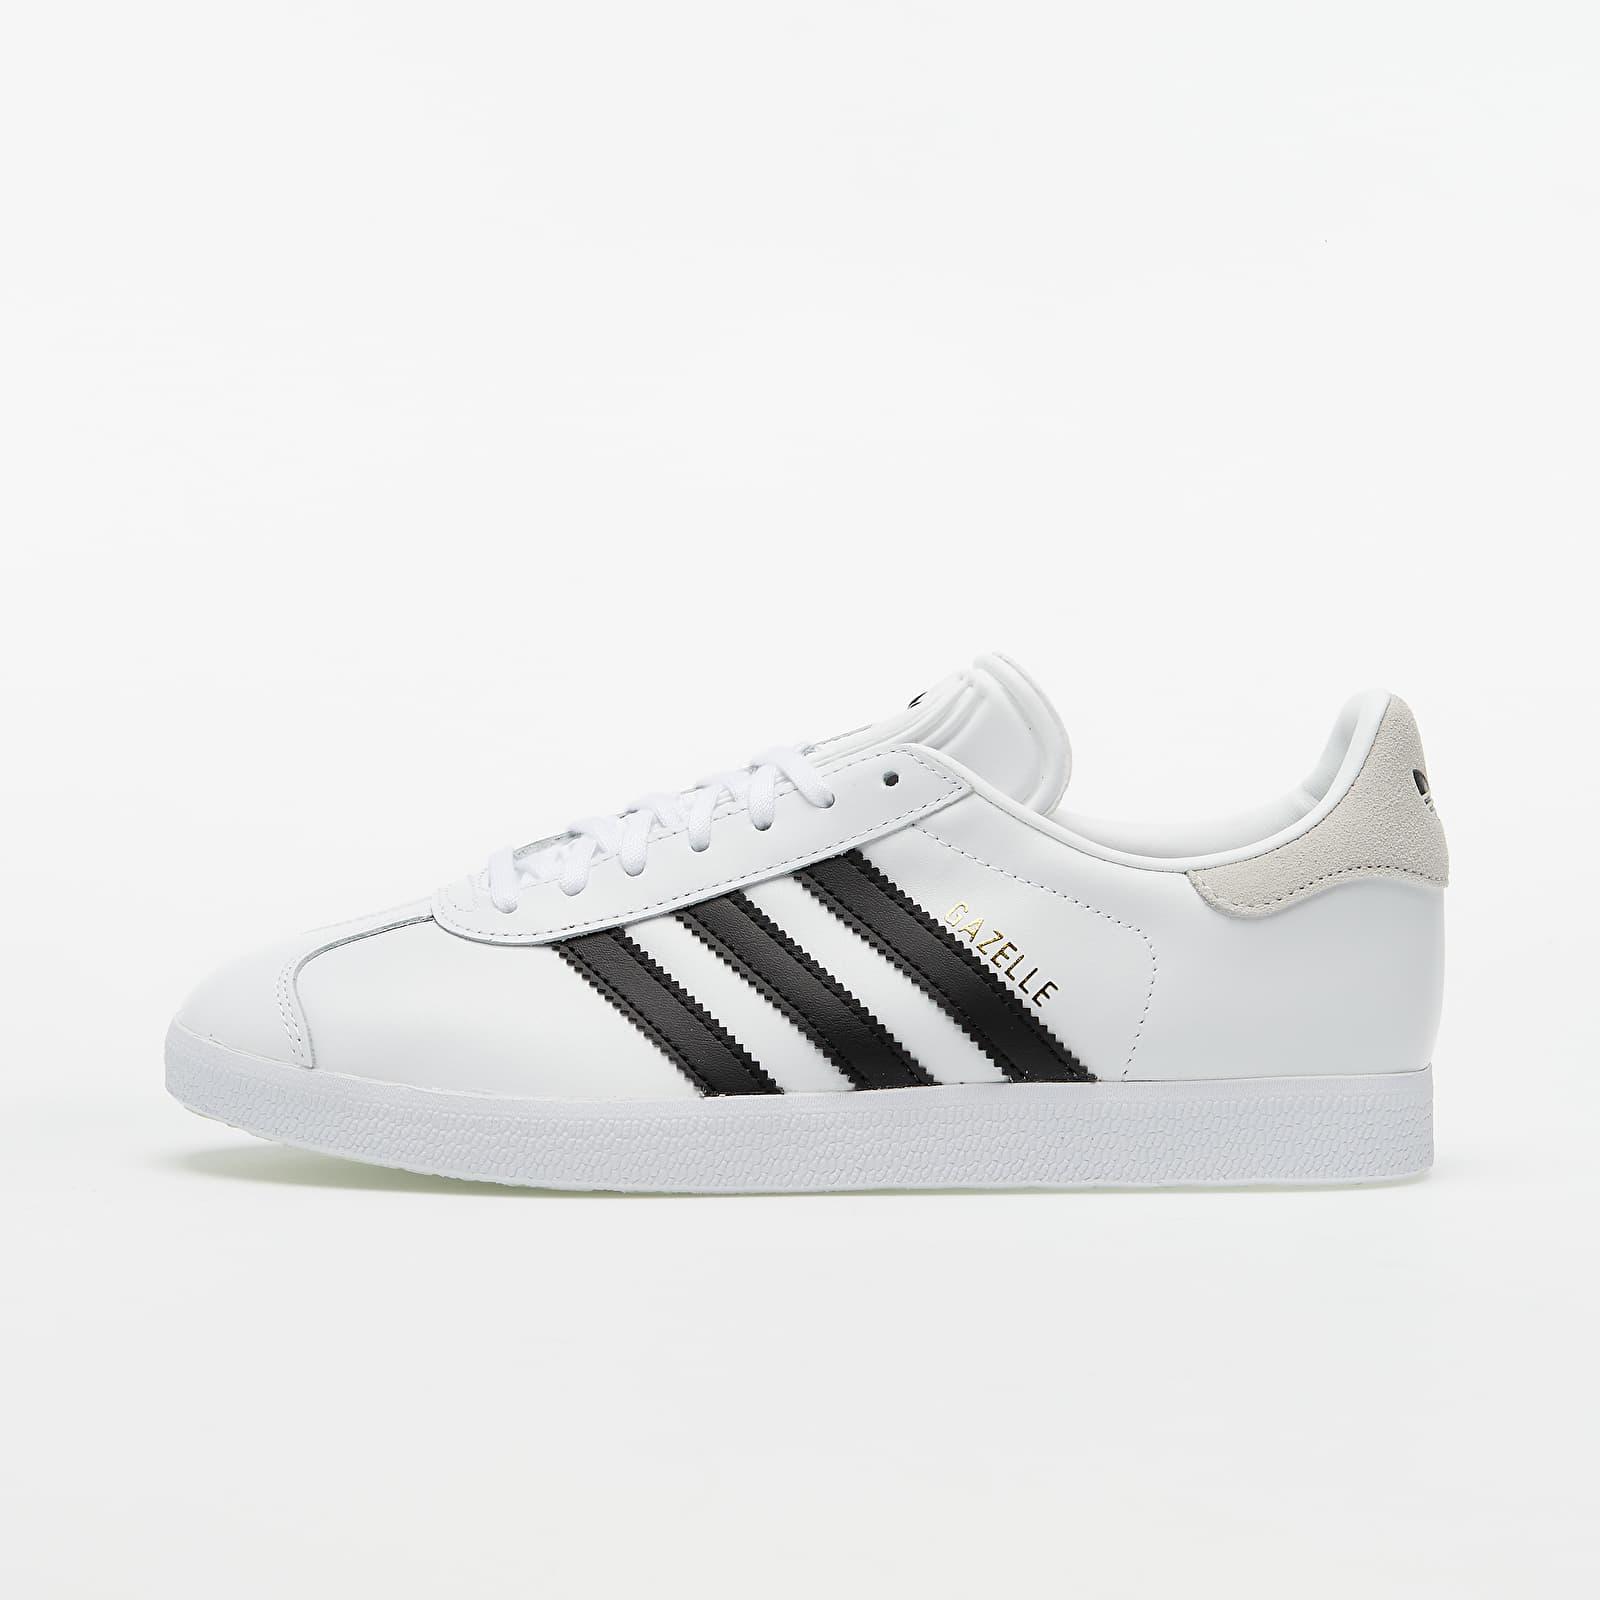 adidas Gazelle W Ftw White/ Core Black/ Crystal White FU9910